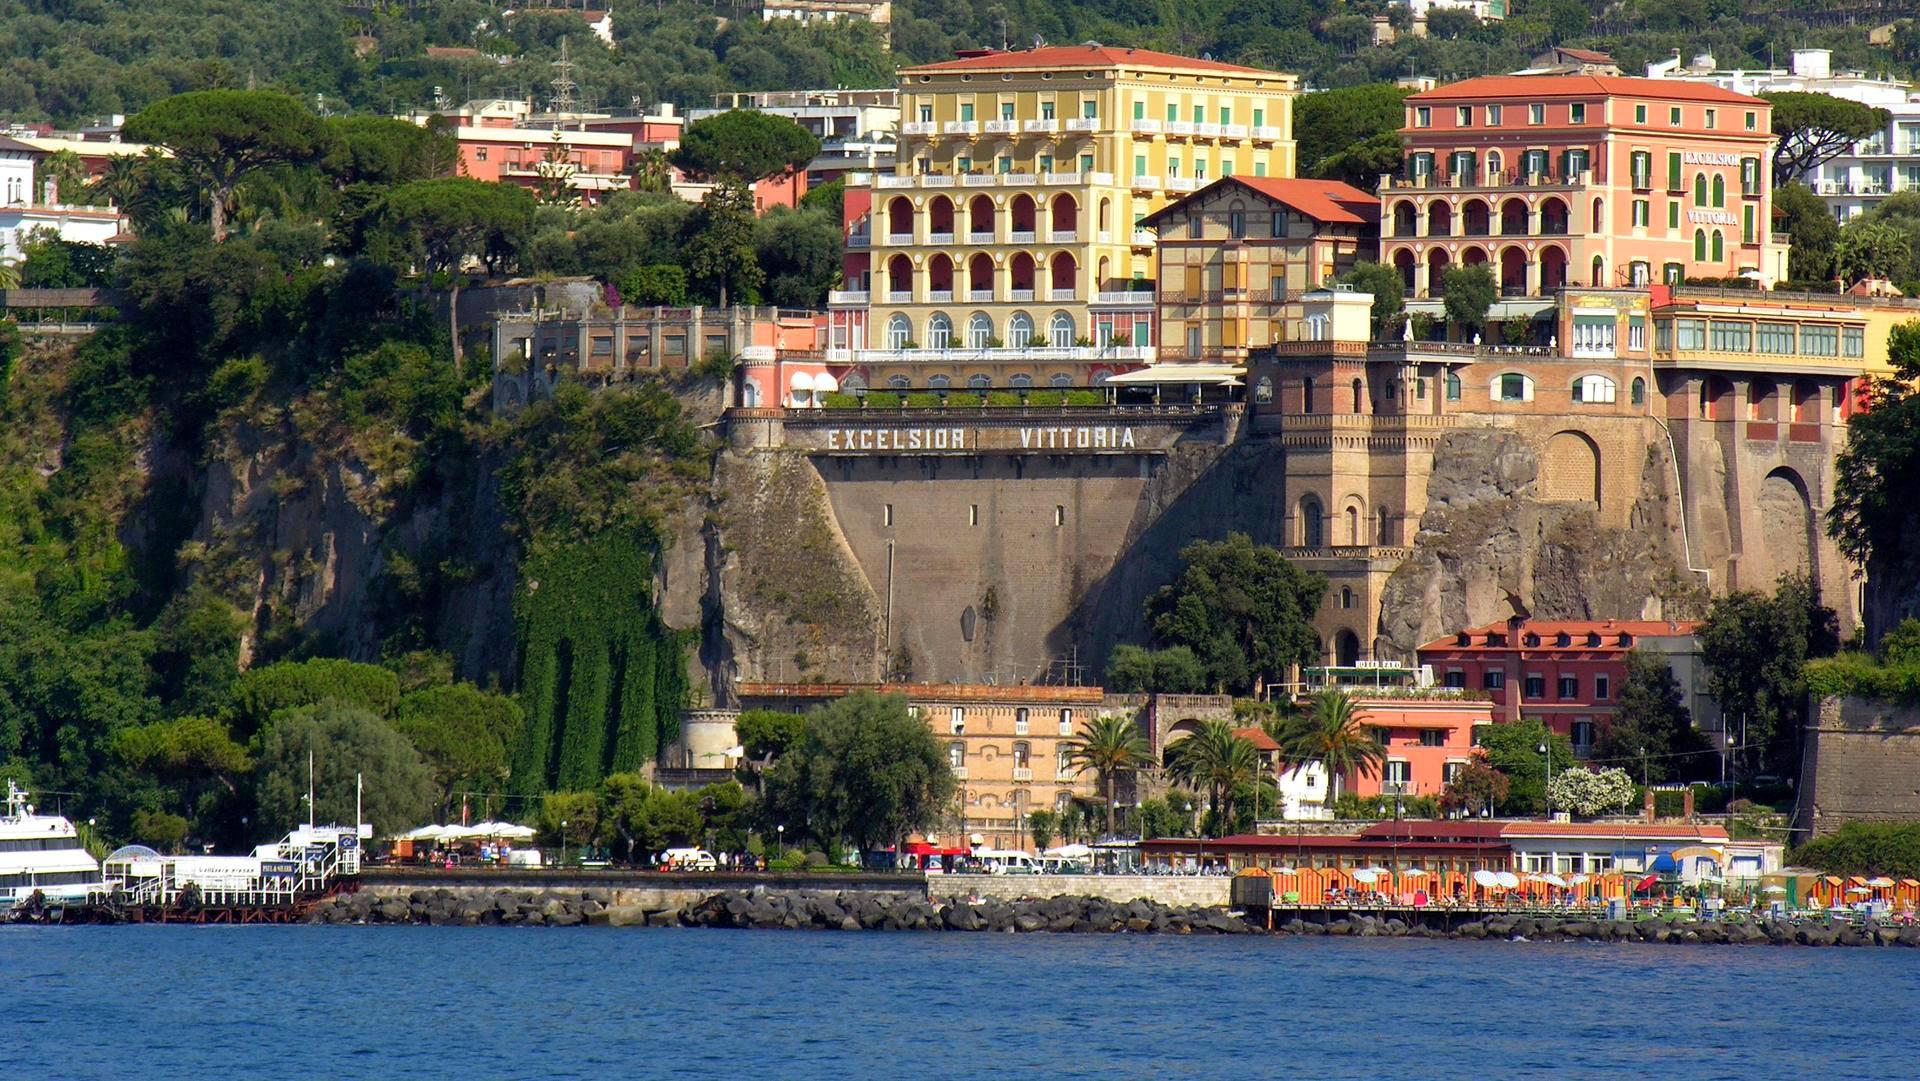 Sorrentoon pääsee mukavimmin vesibussilla Caprilta, Amalfista tai Napolista. Excelsior Vittoria -hotellin terassilta on upeat maisemat.